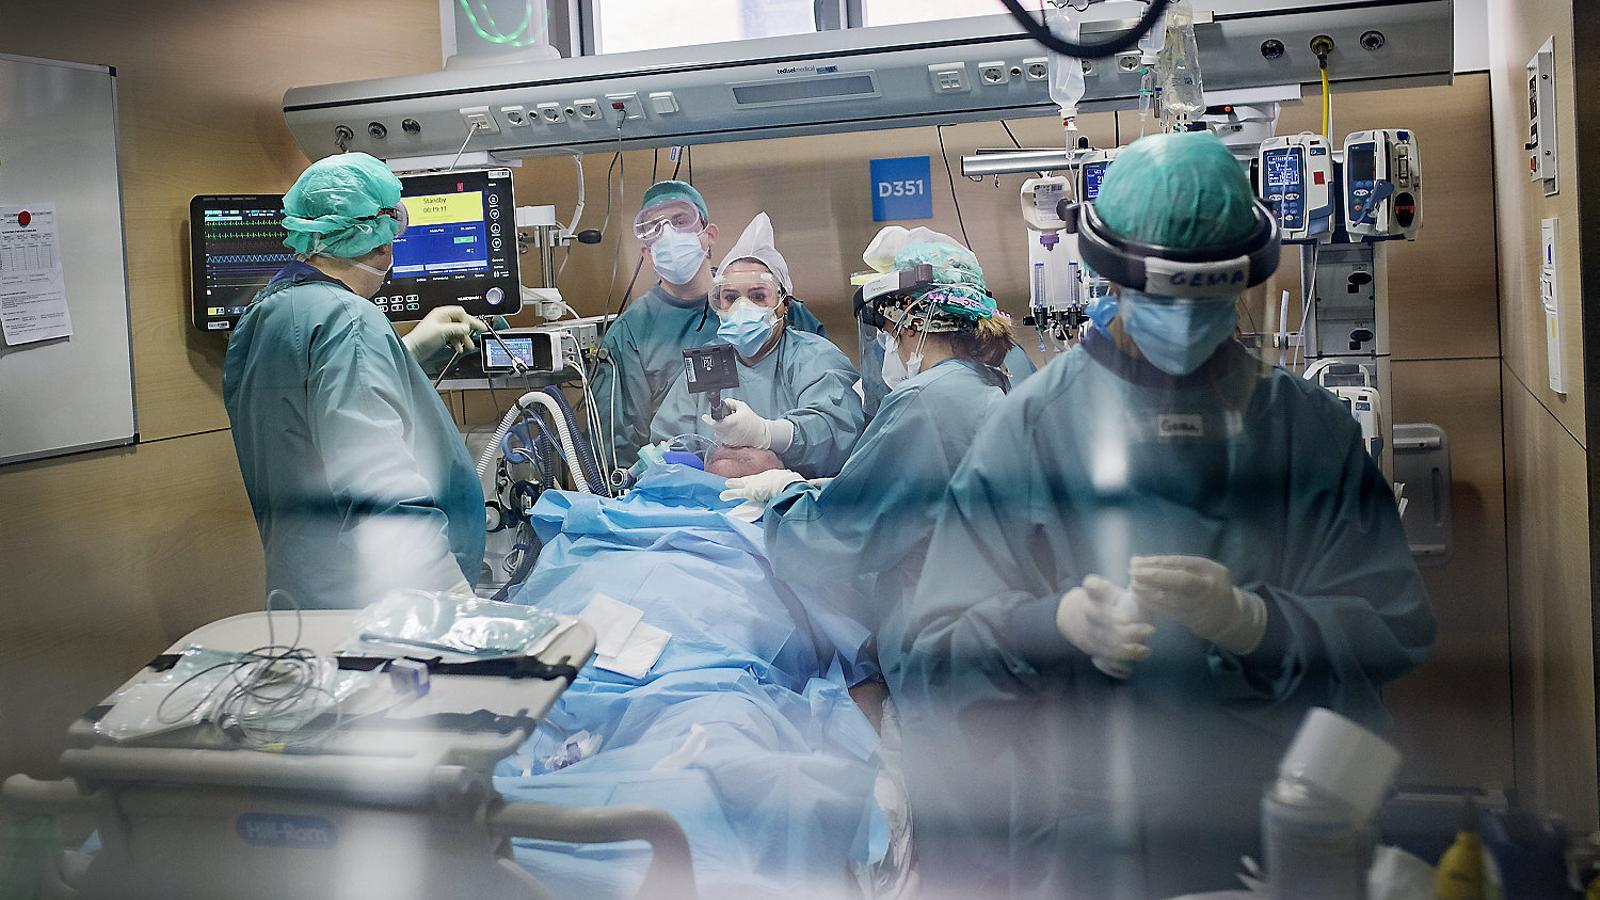 Salut comptabilitza 17 morts i 302 contagiats més per covid-19